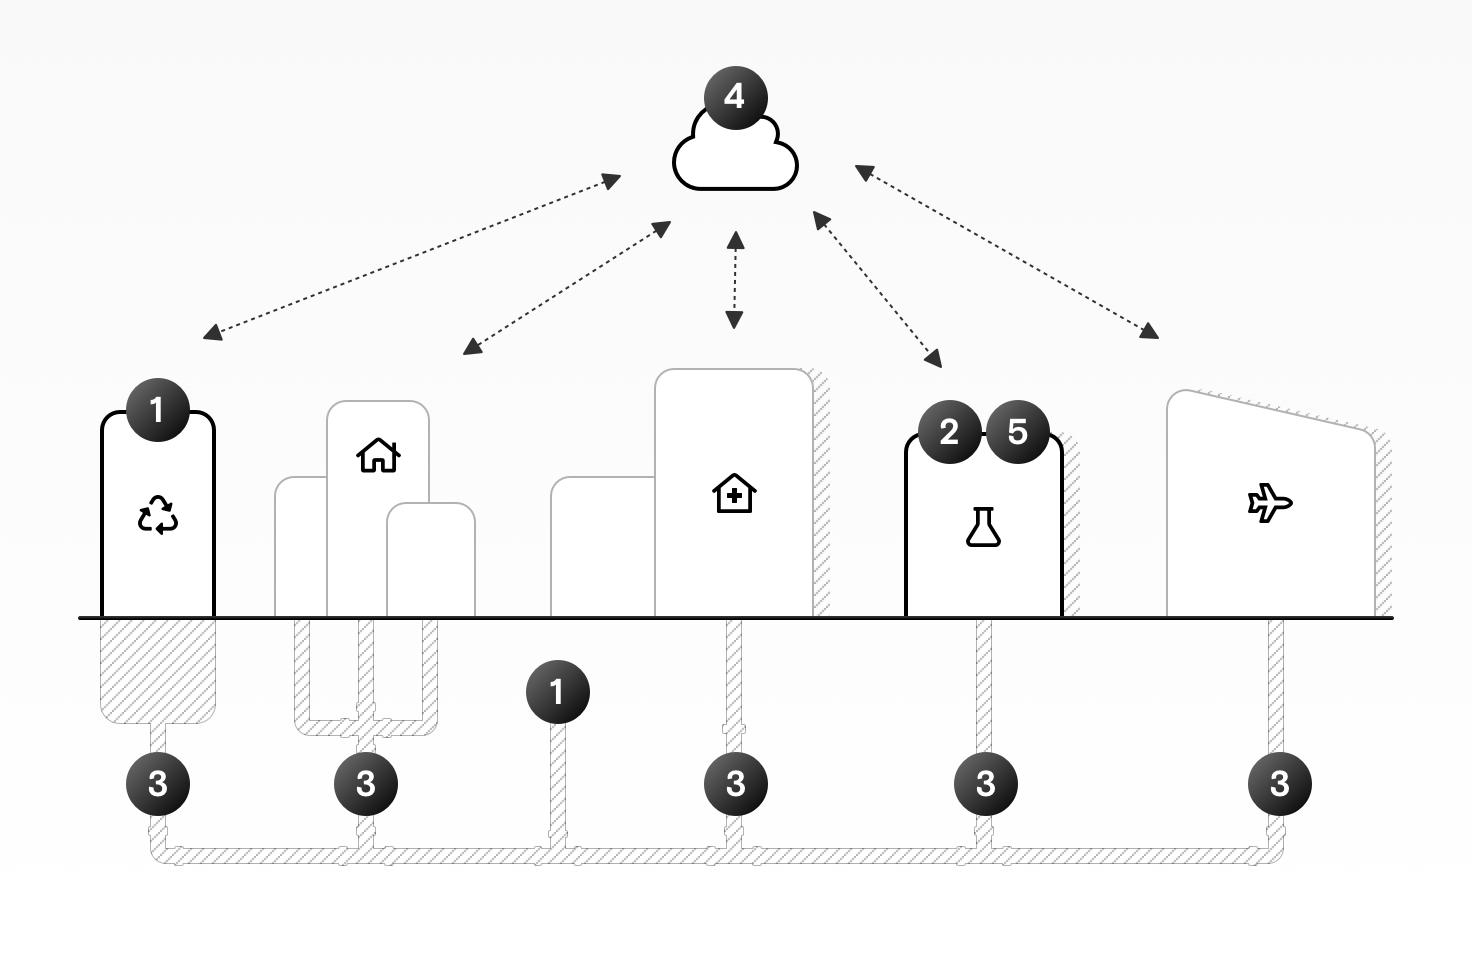 Ein Diagramm einer Stadt und ihres Abwassersystems, das die Funktionsweise der fünfteiligen Lösung darstellt.